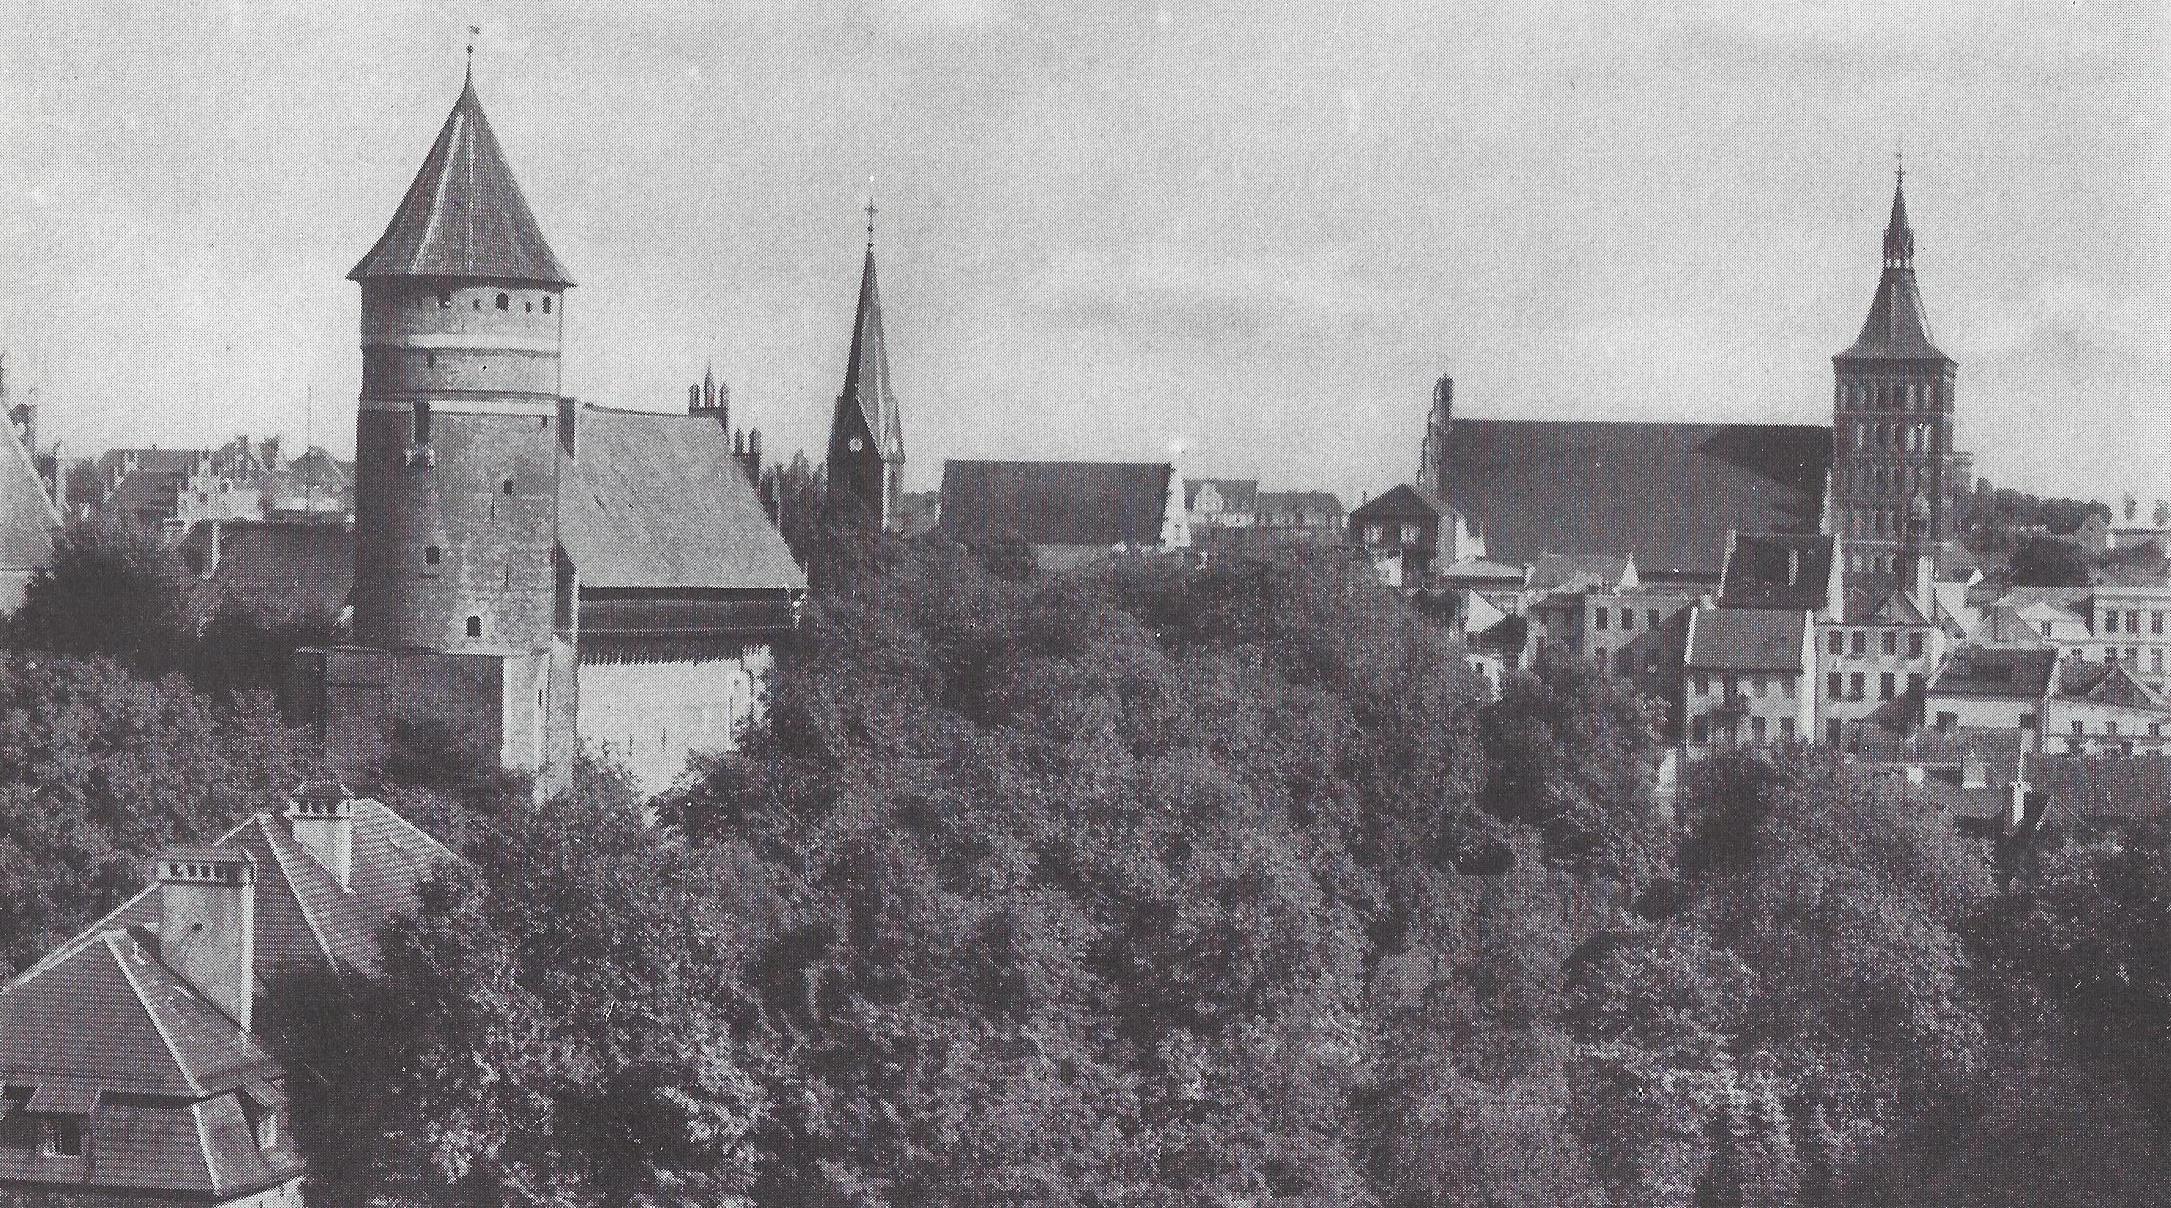 Datei:Burg Allenstein.jpg – Wikipedia